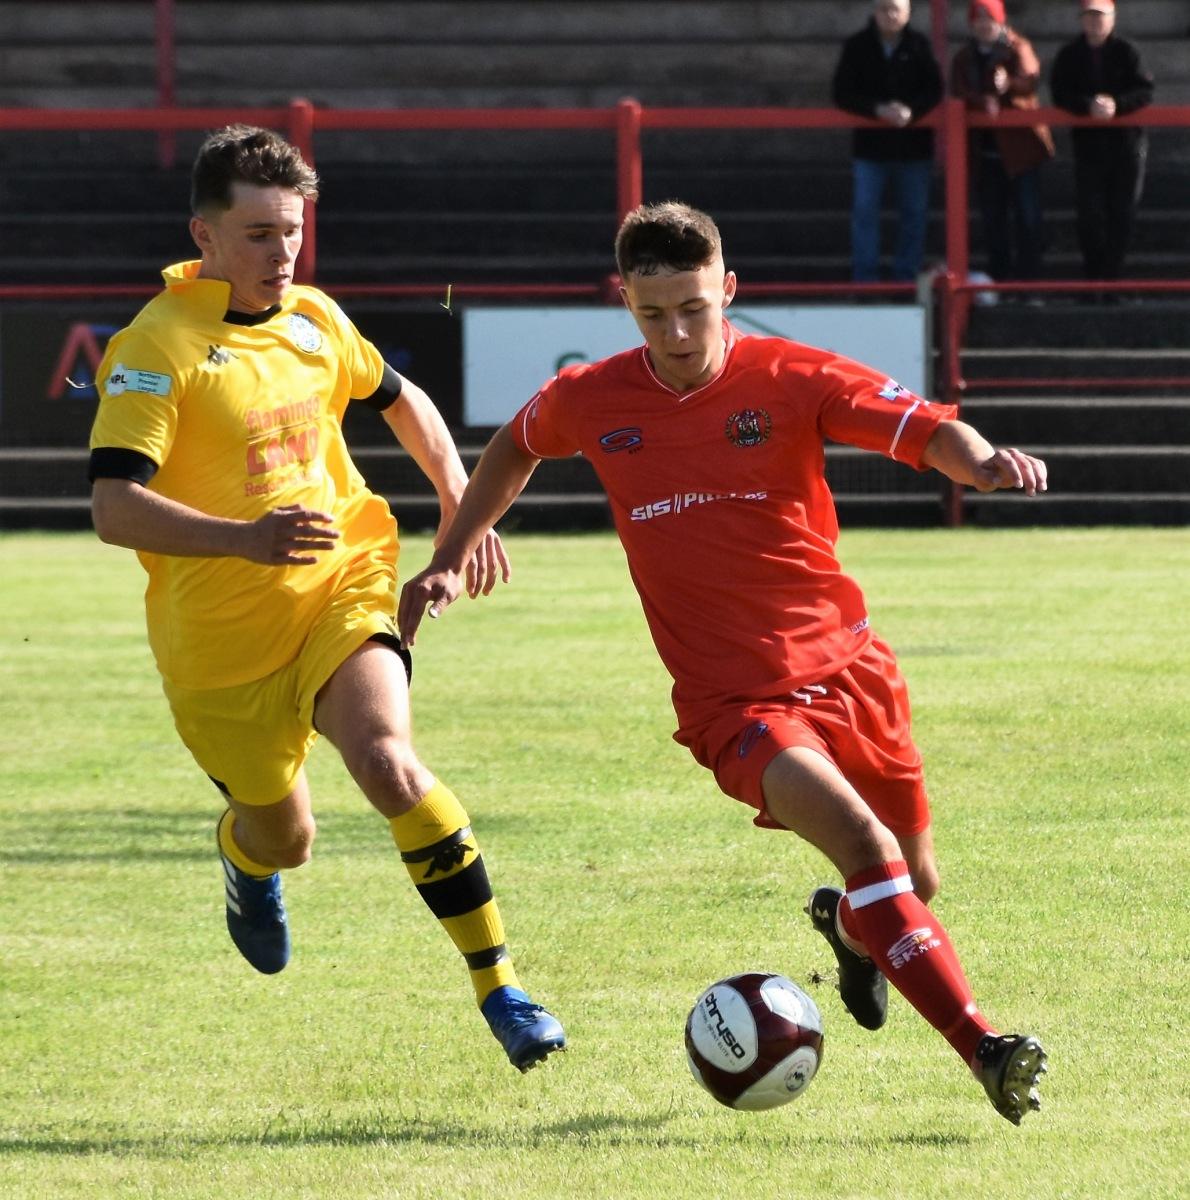 Workington-Reds-v-Pickering-Town-Ben-Challis-17